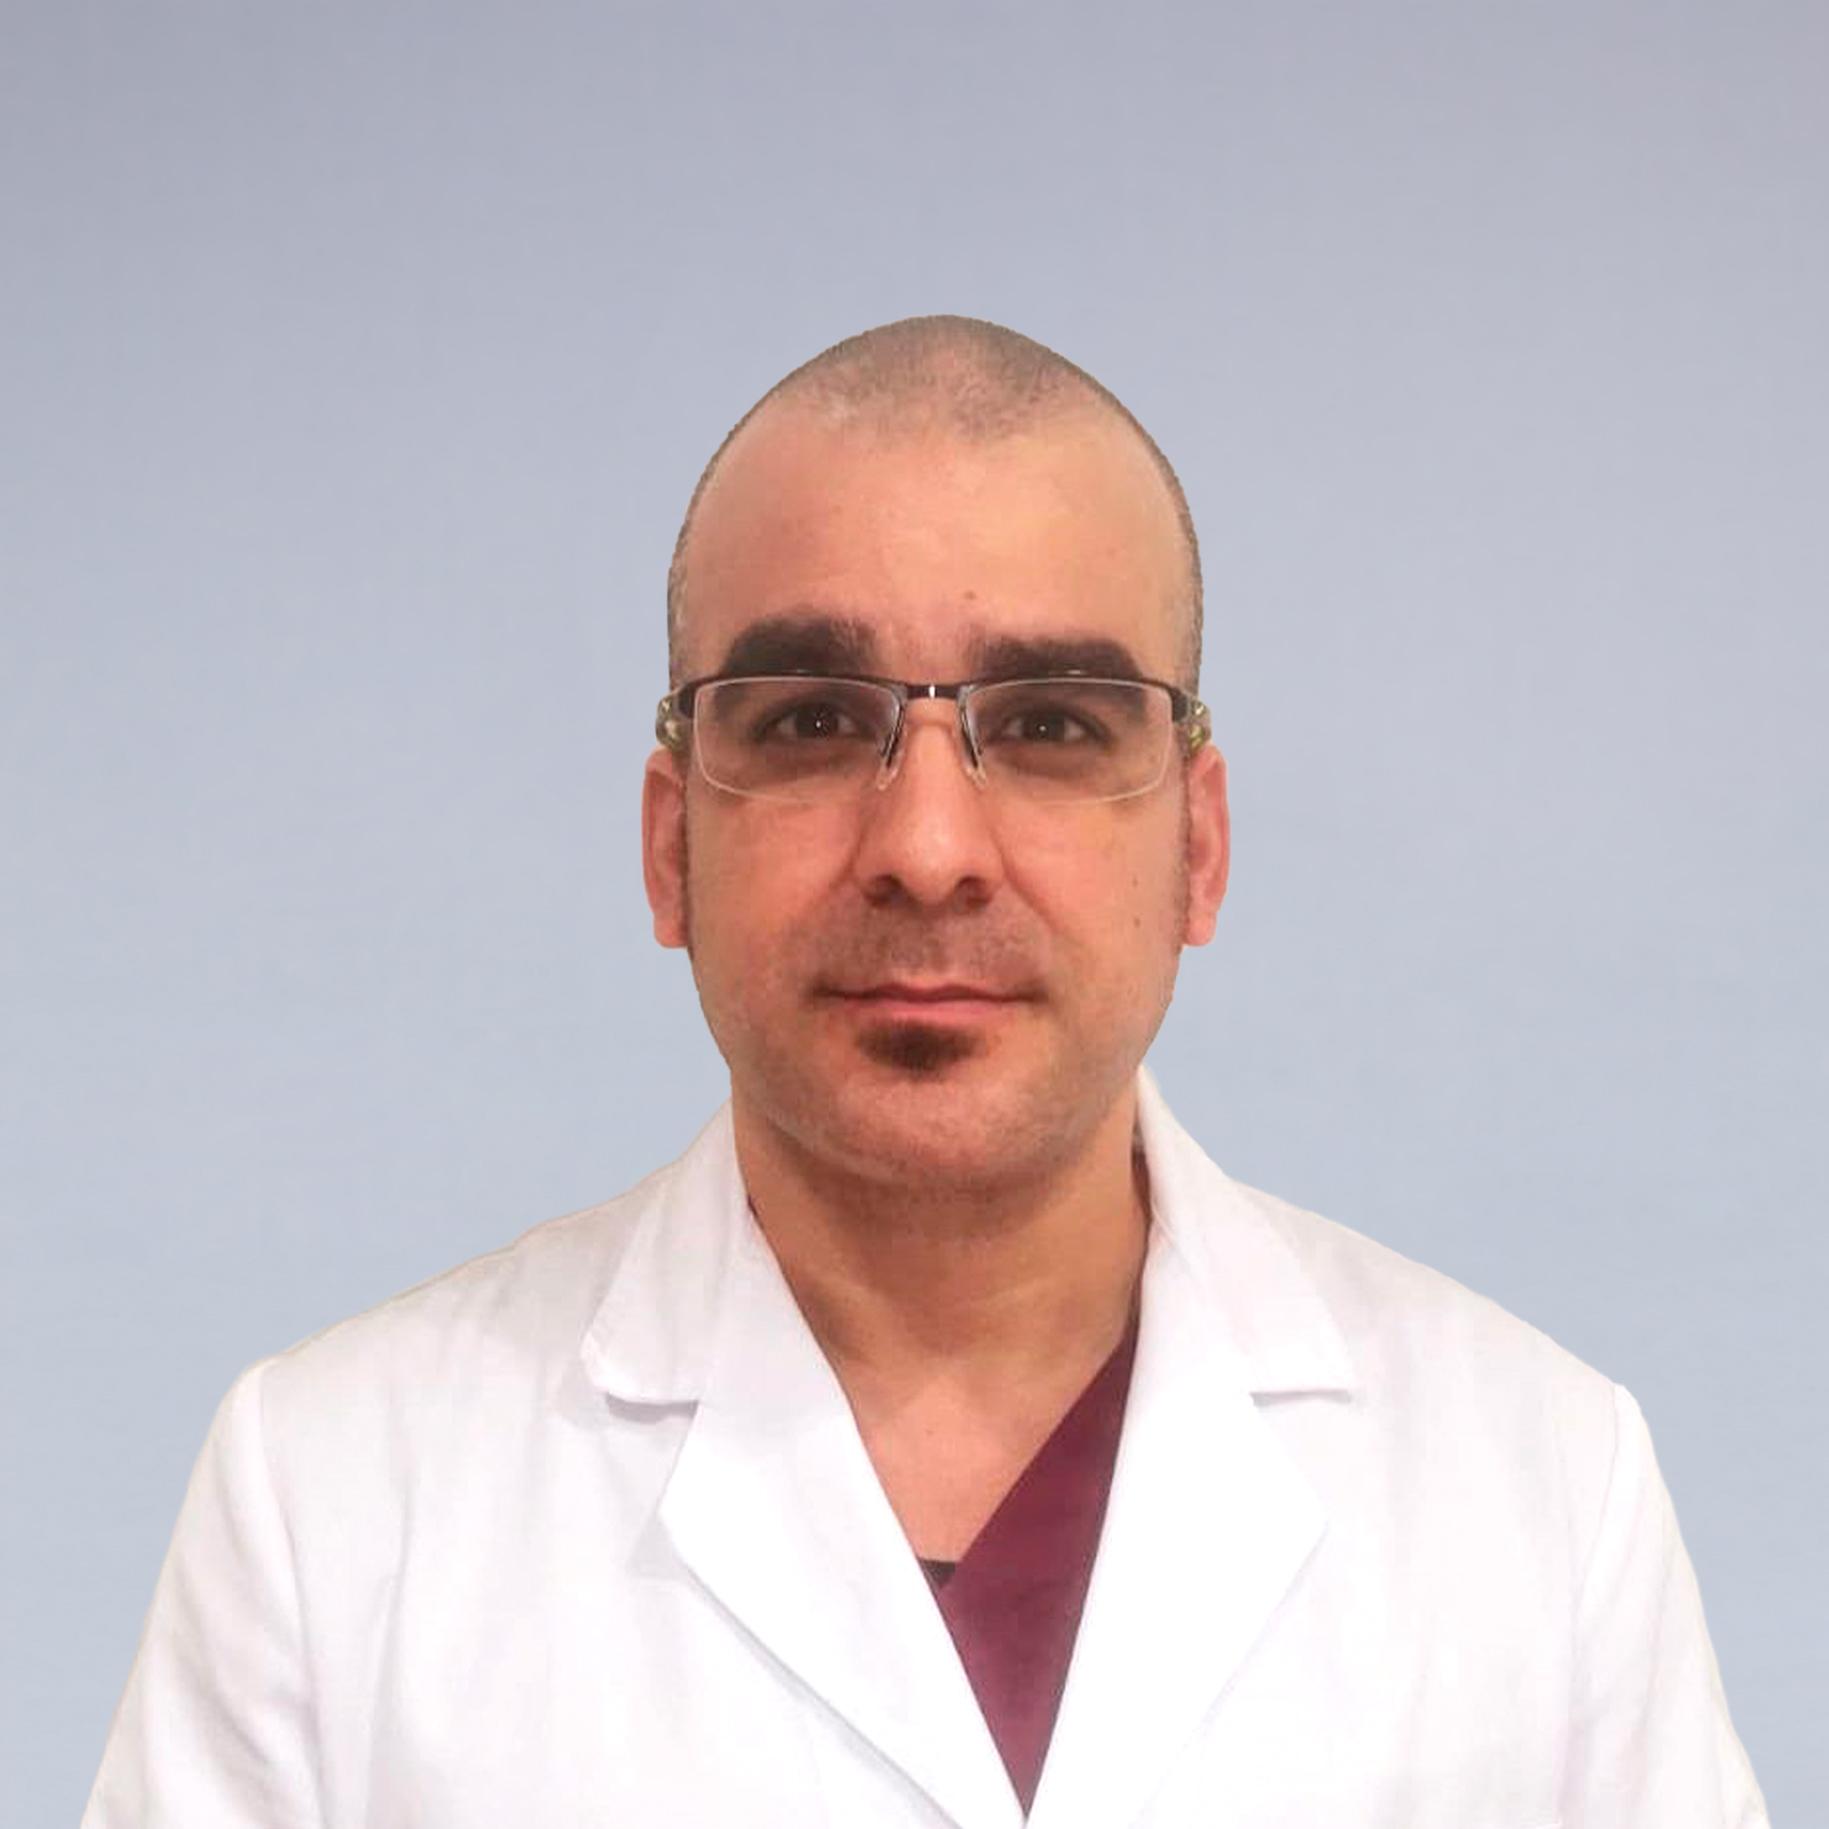 Erik José Amalfi Aguilera